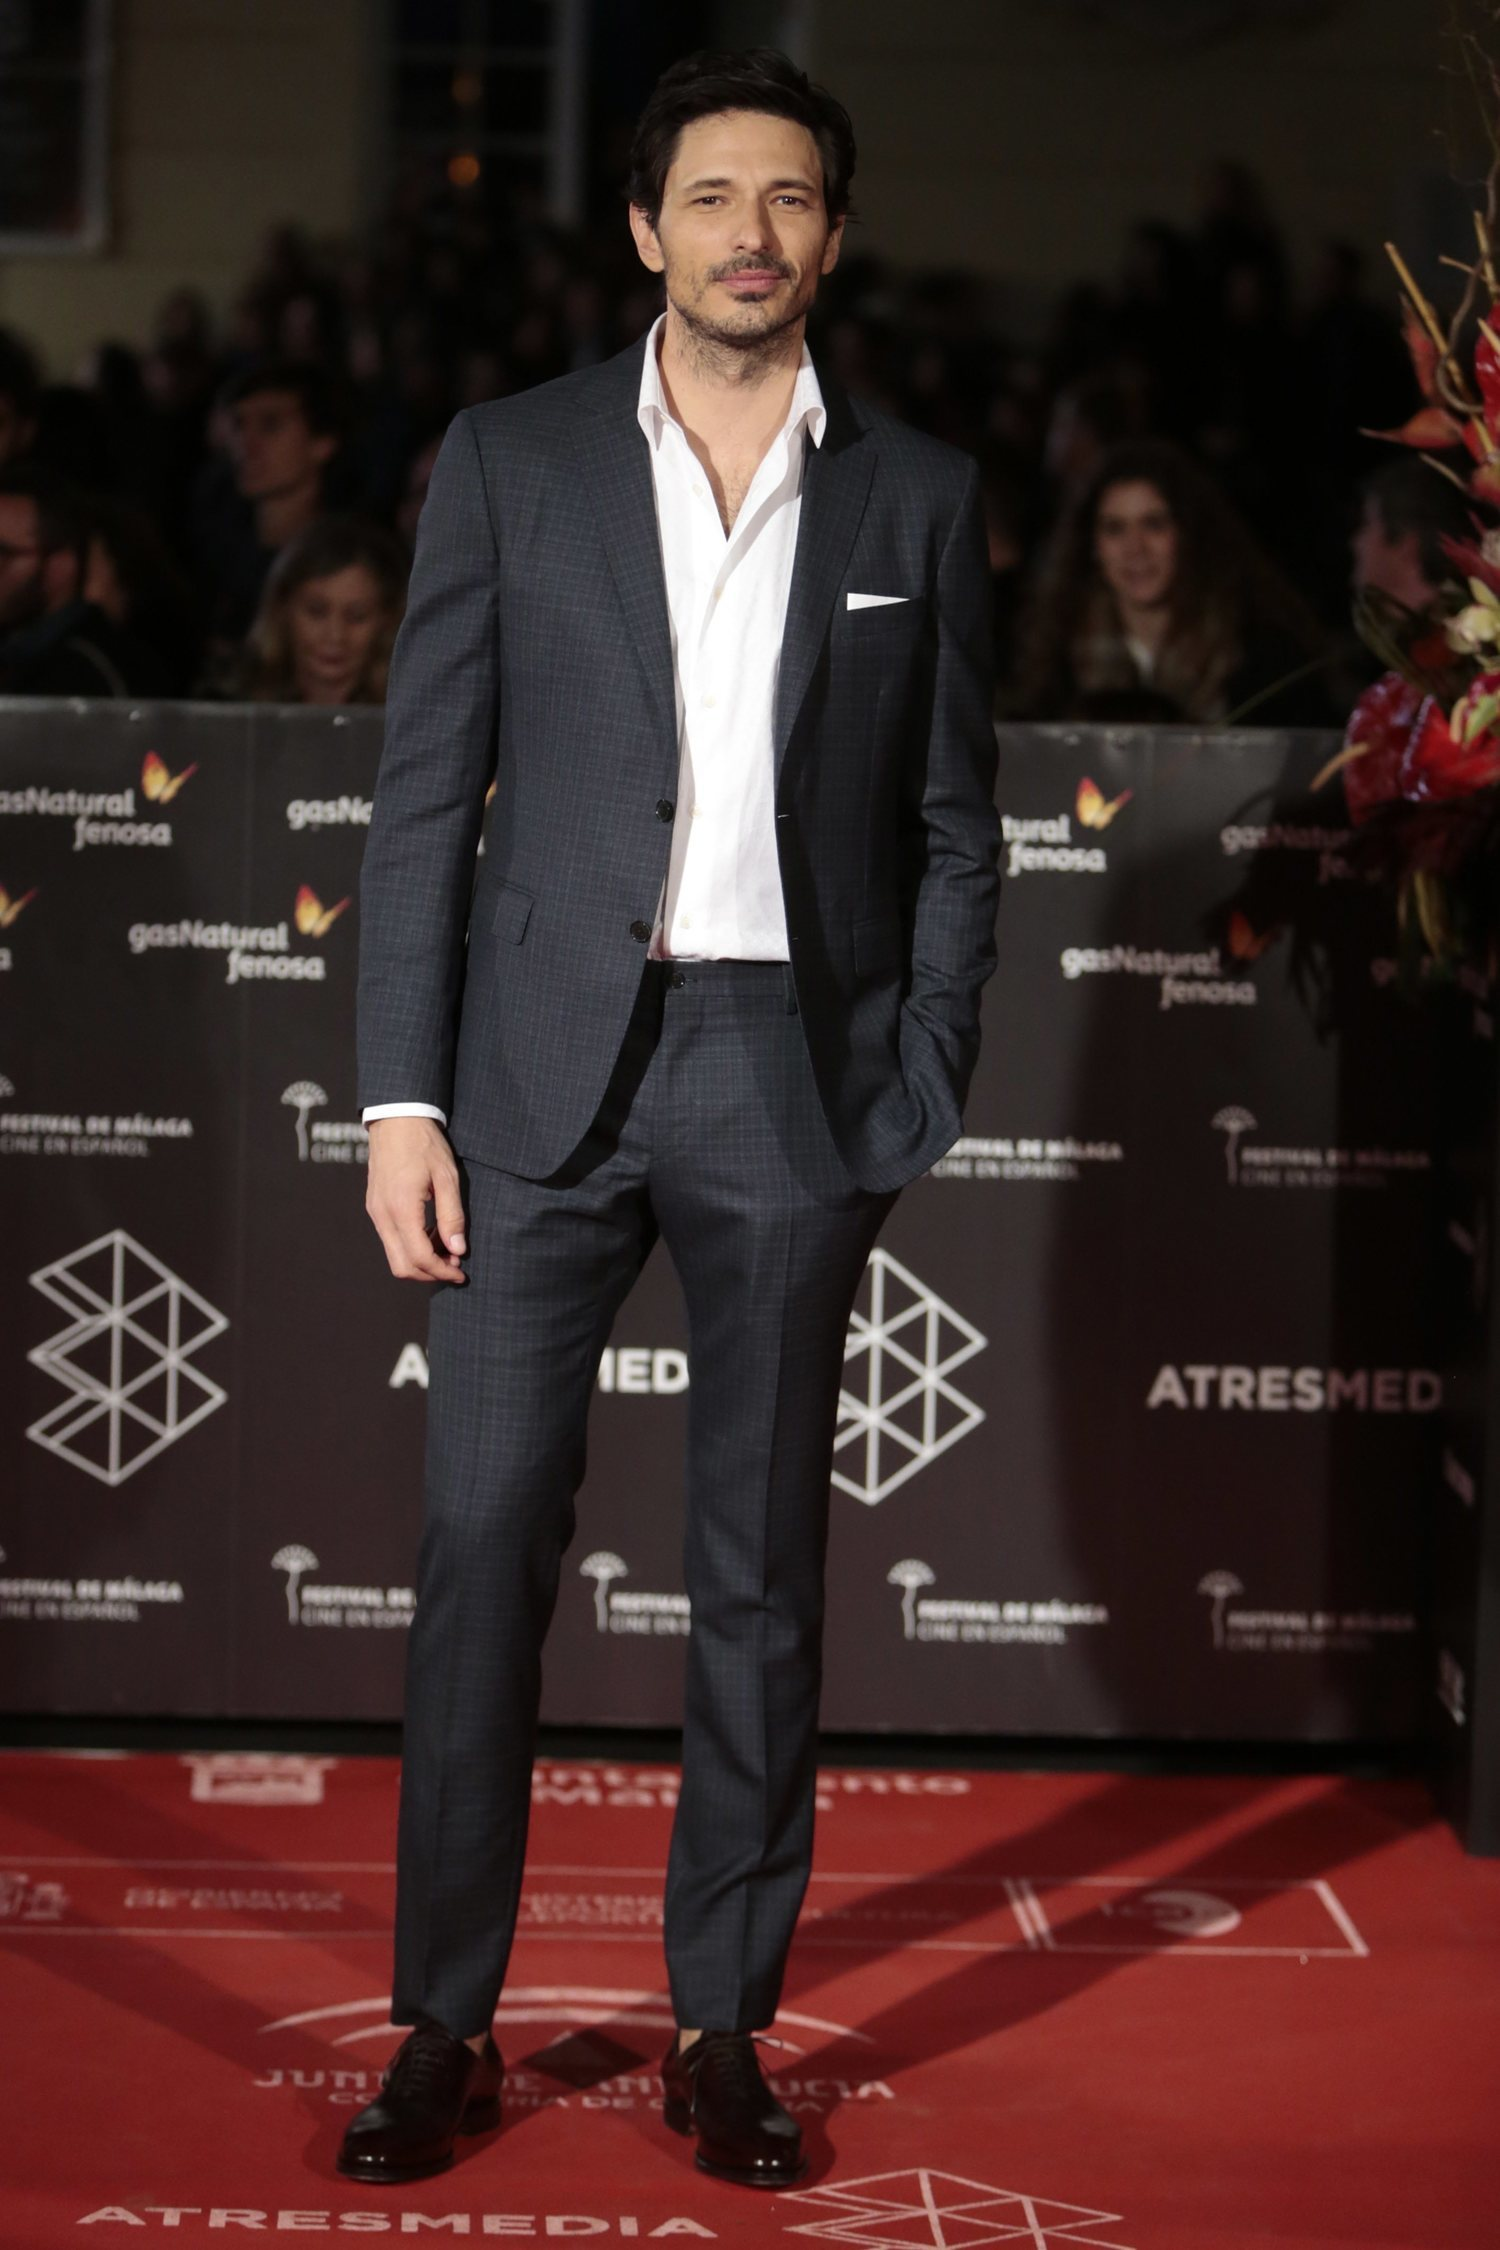 El modelo y actor, Andrés Velencoso, suele optar por esta combinación.